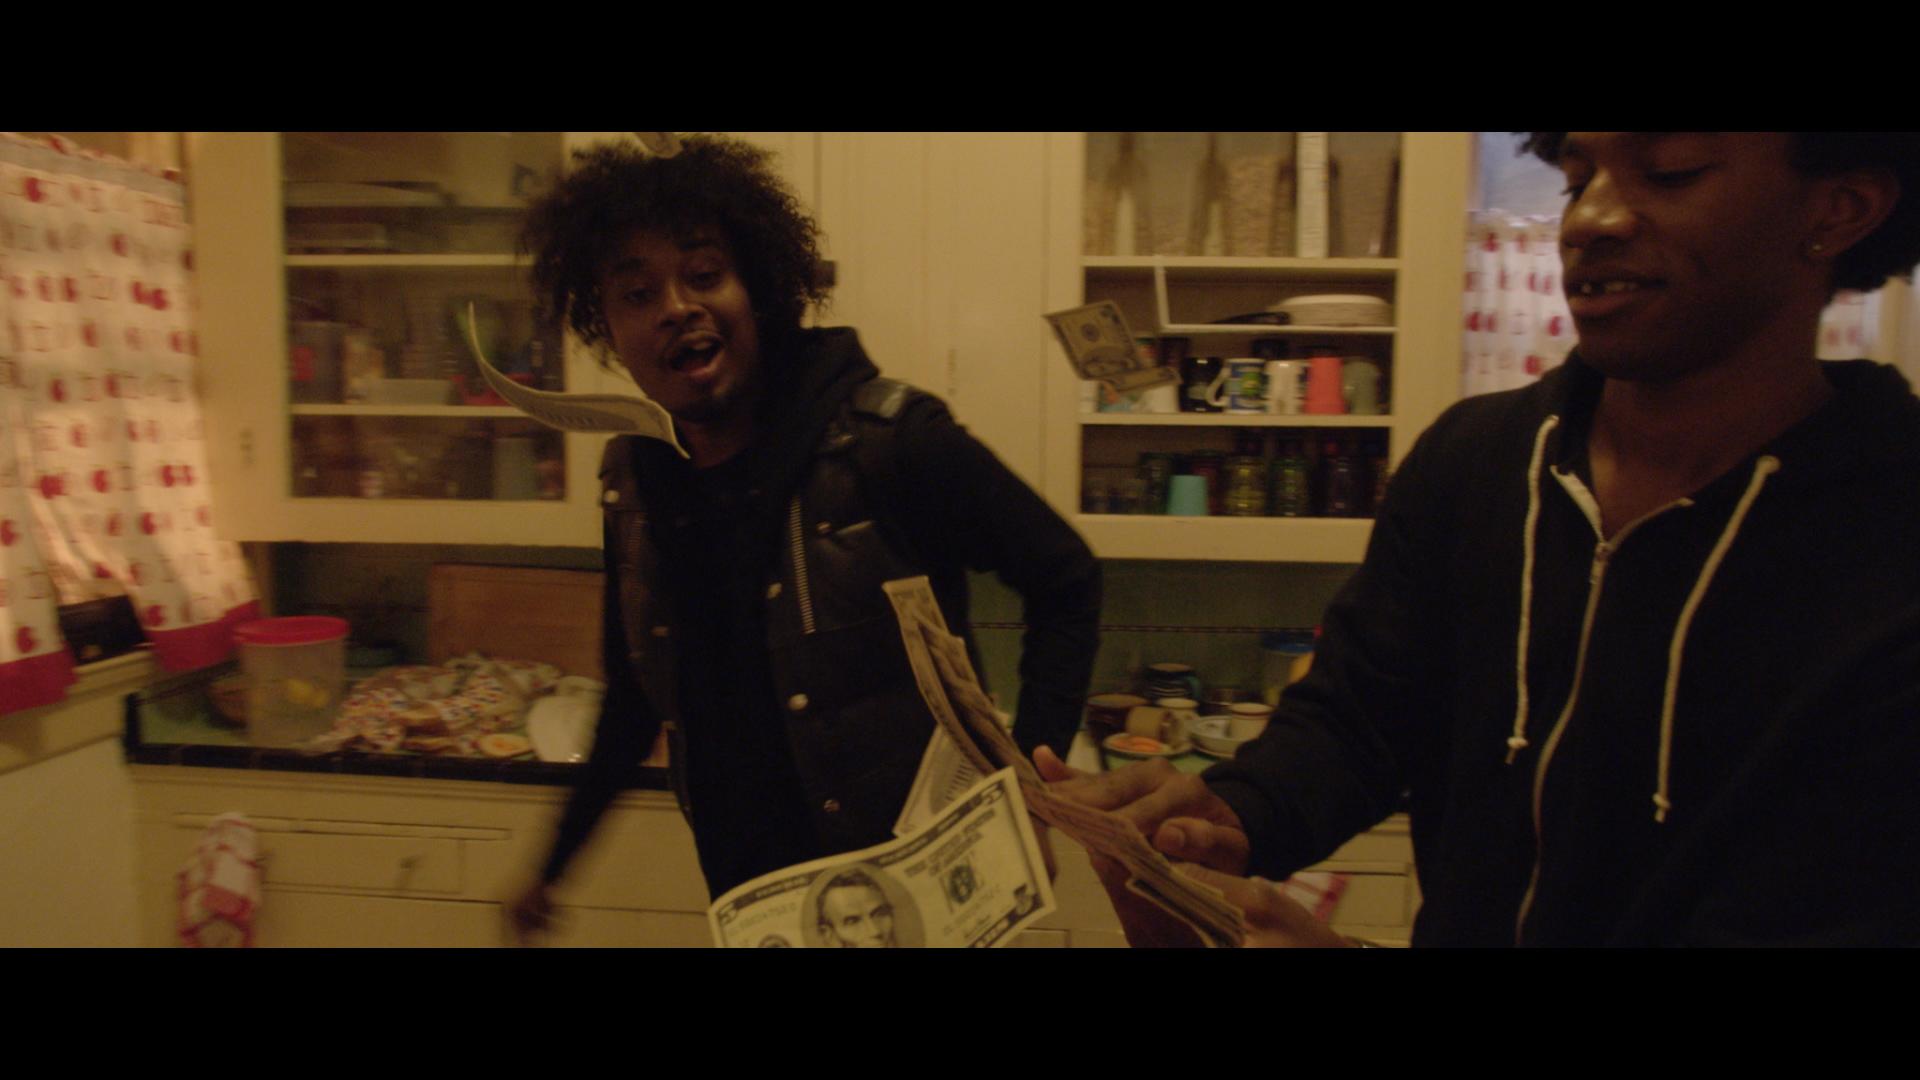 Danny Brown - 25 Bucks Explicit.00_03_03_02.Still020.jpg